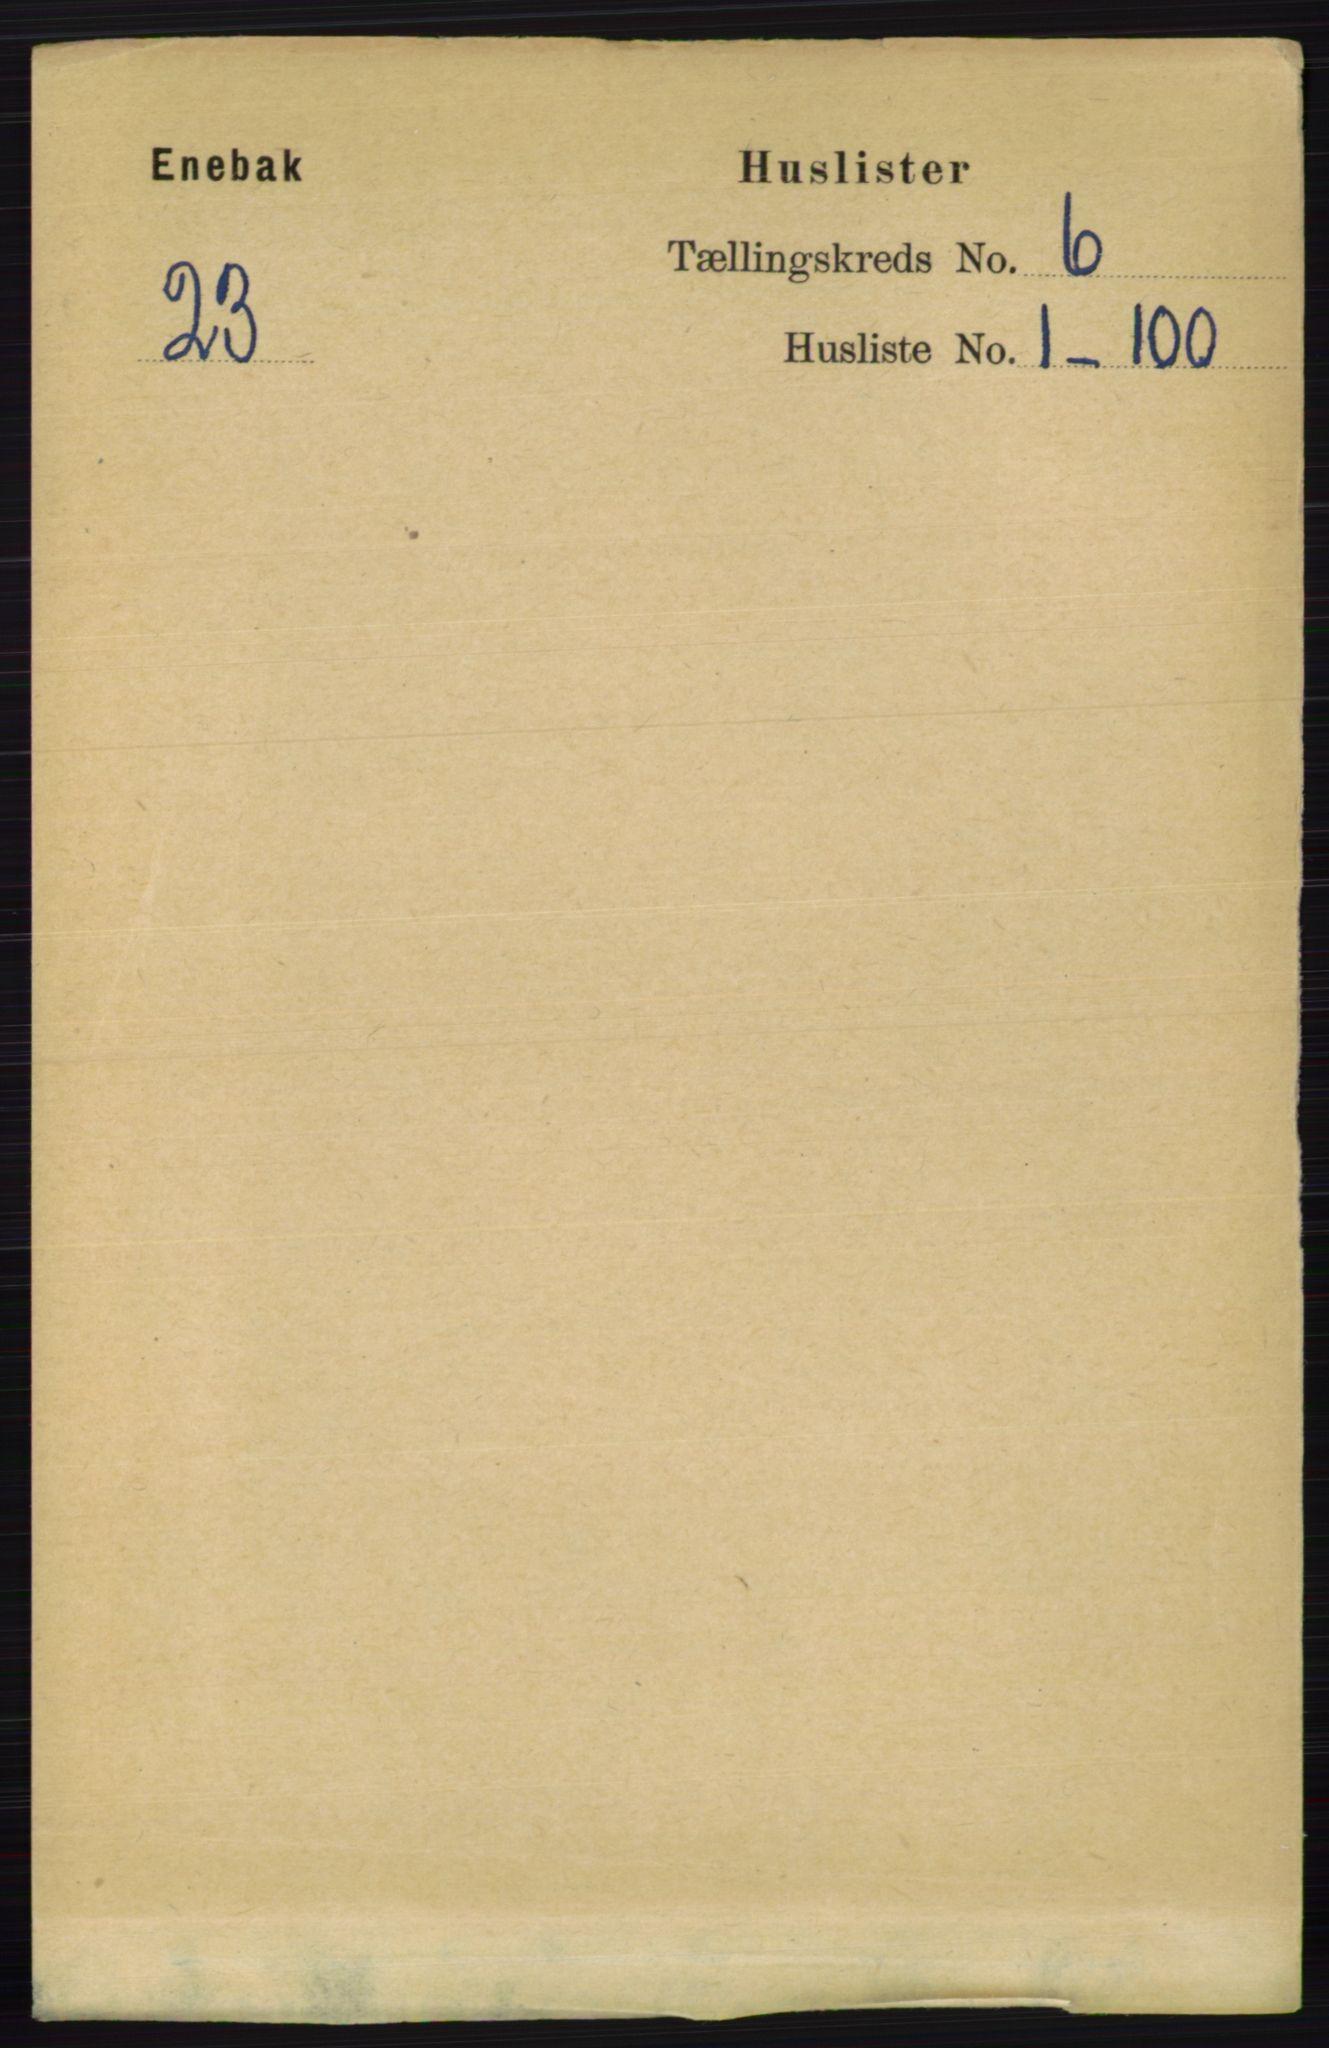 RA, Folketelling 1891 for 0229 Enebakk herred, 1891, s. 2793